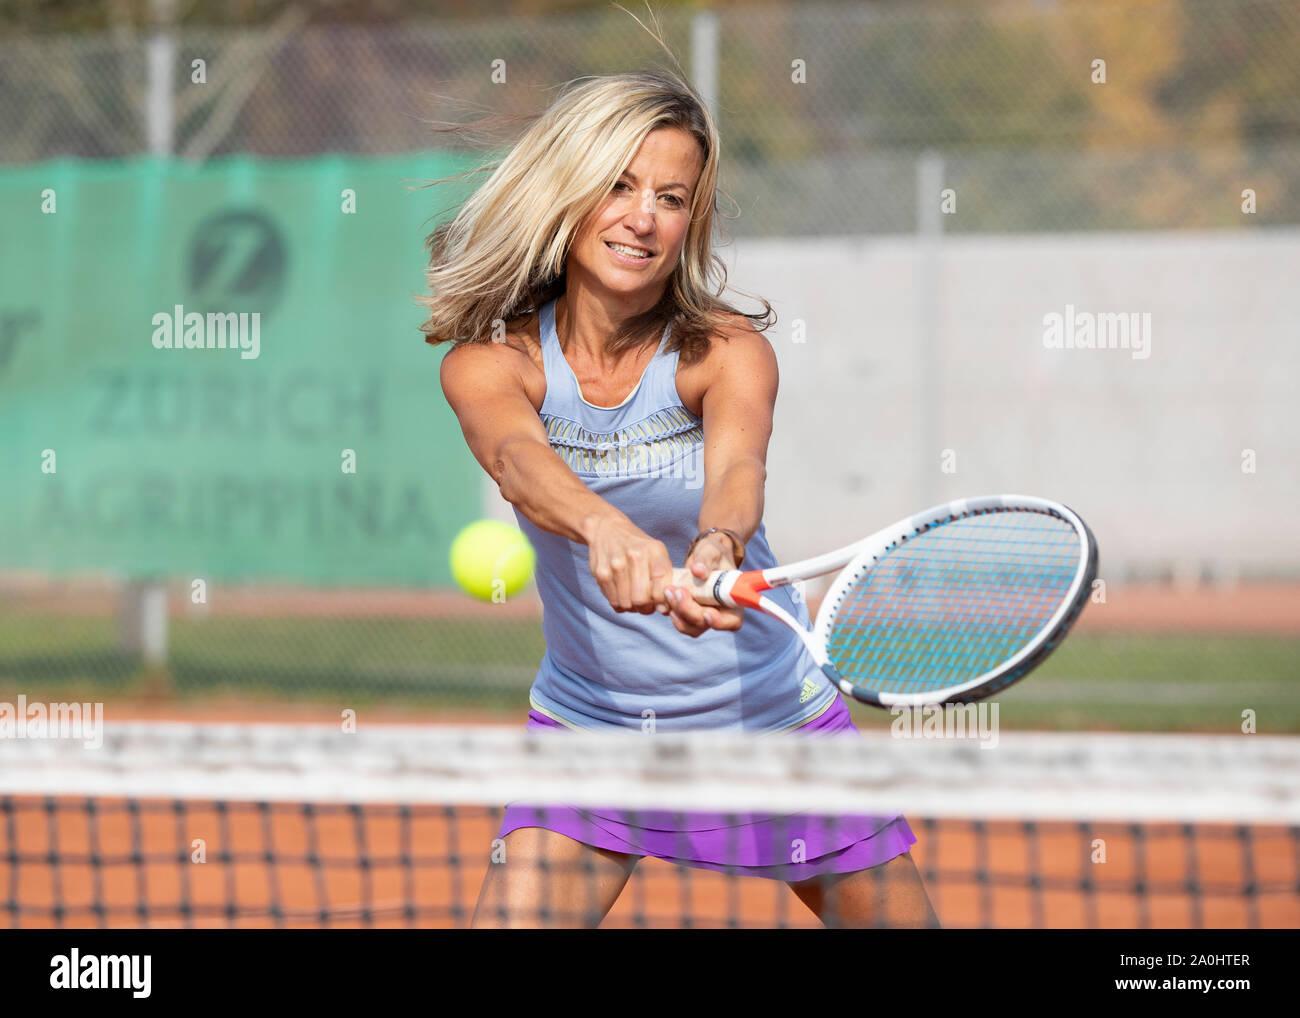 Mujer jugando al tenis golpear una volea de revés shot Foto de stock